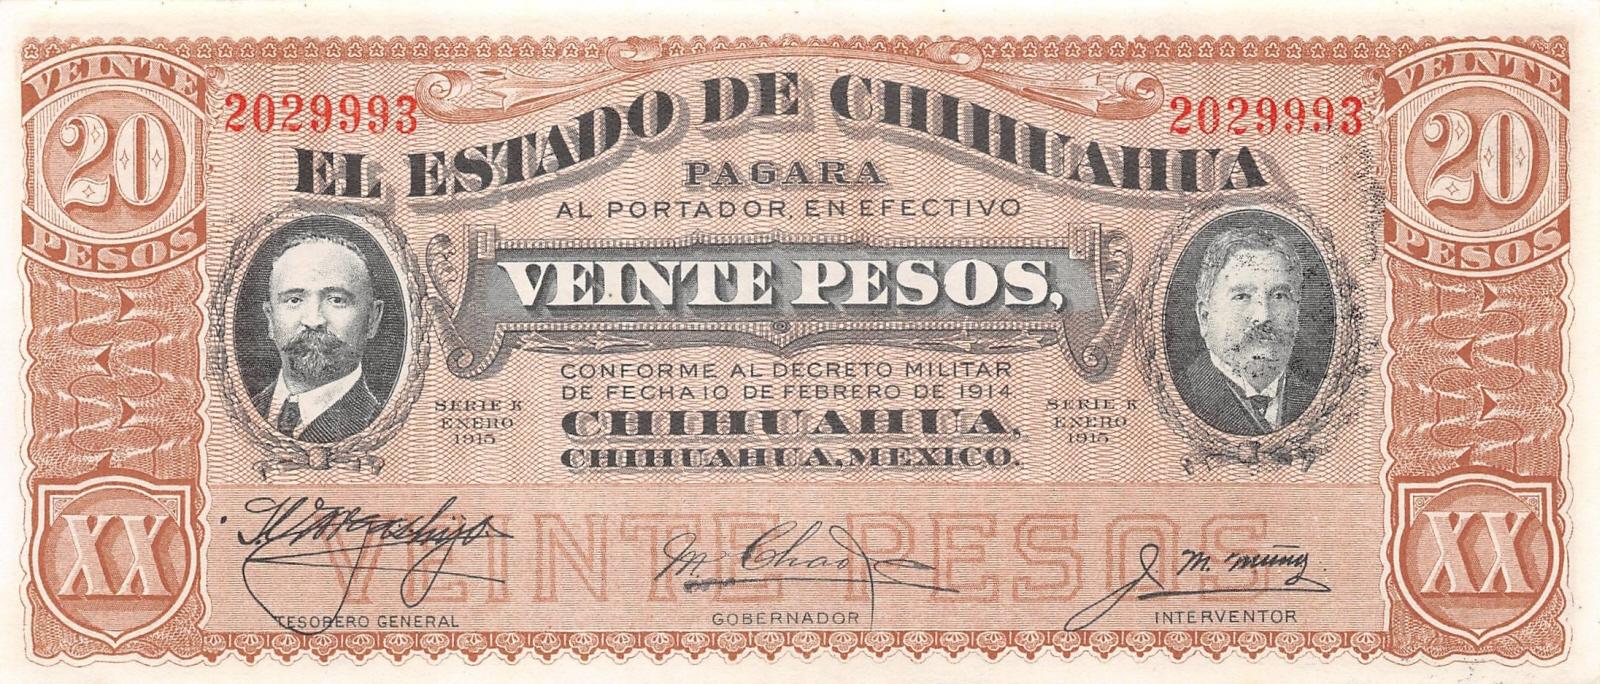 El Estado De Chihuahua UNC 5 Peso Mexican 1915